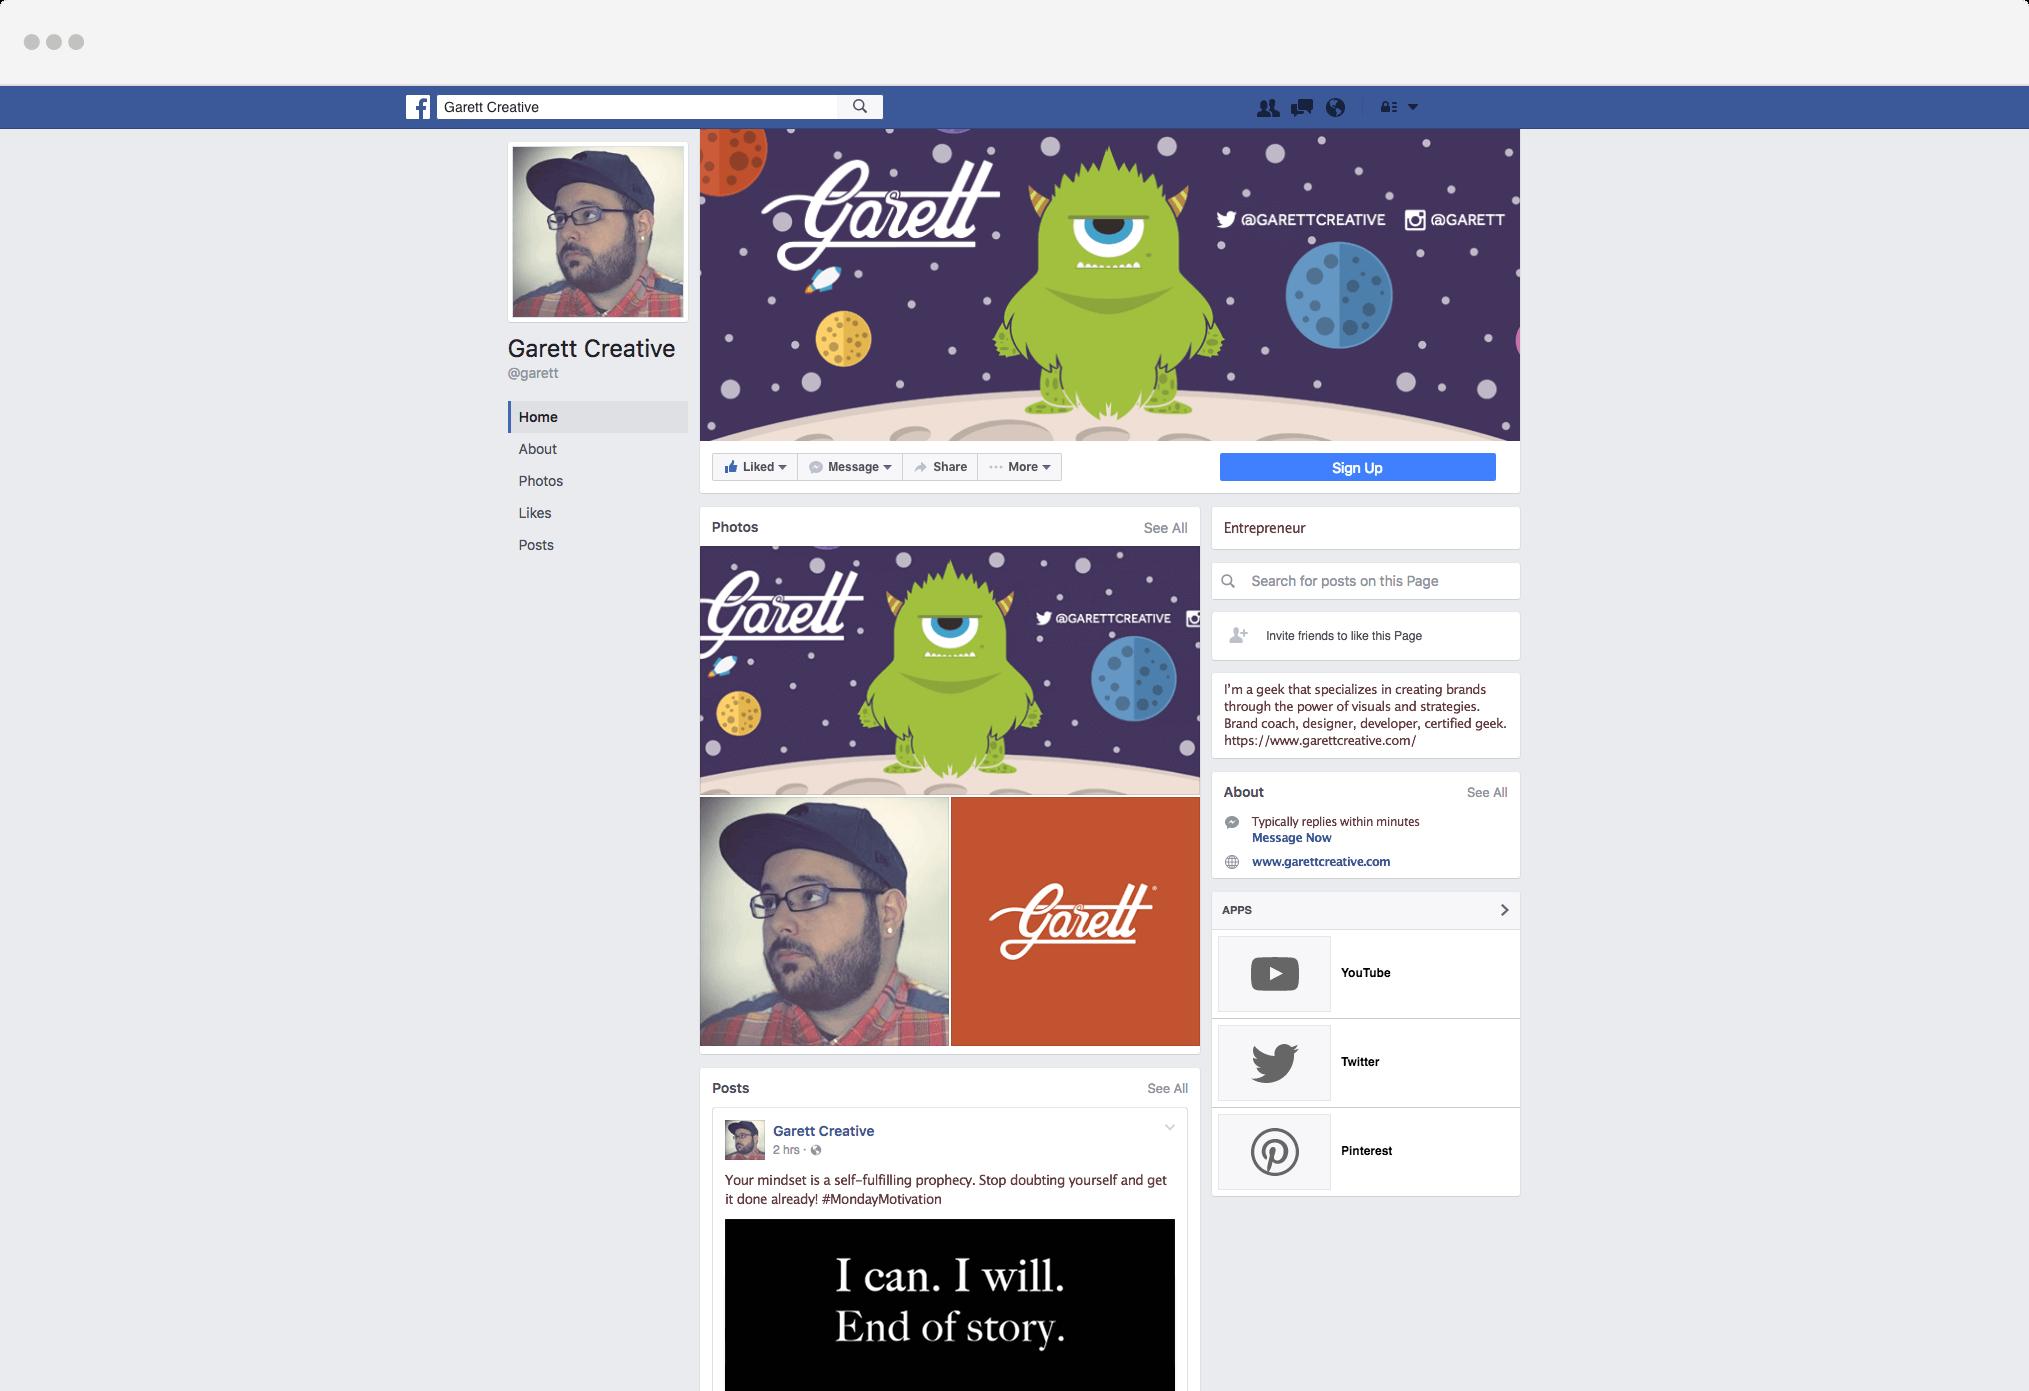 Garett's Facebook Page